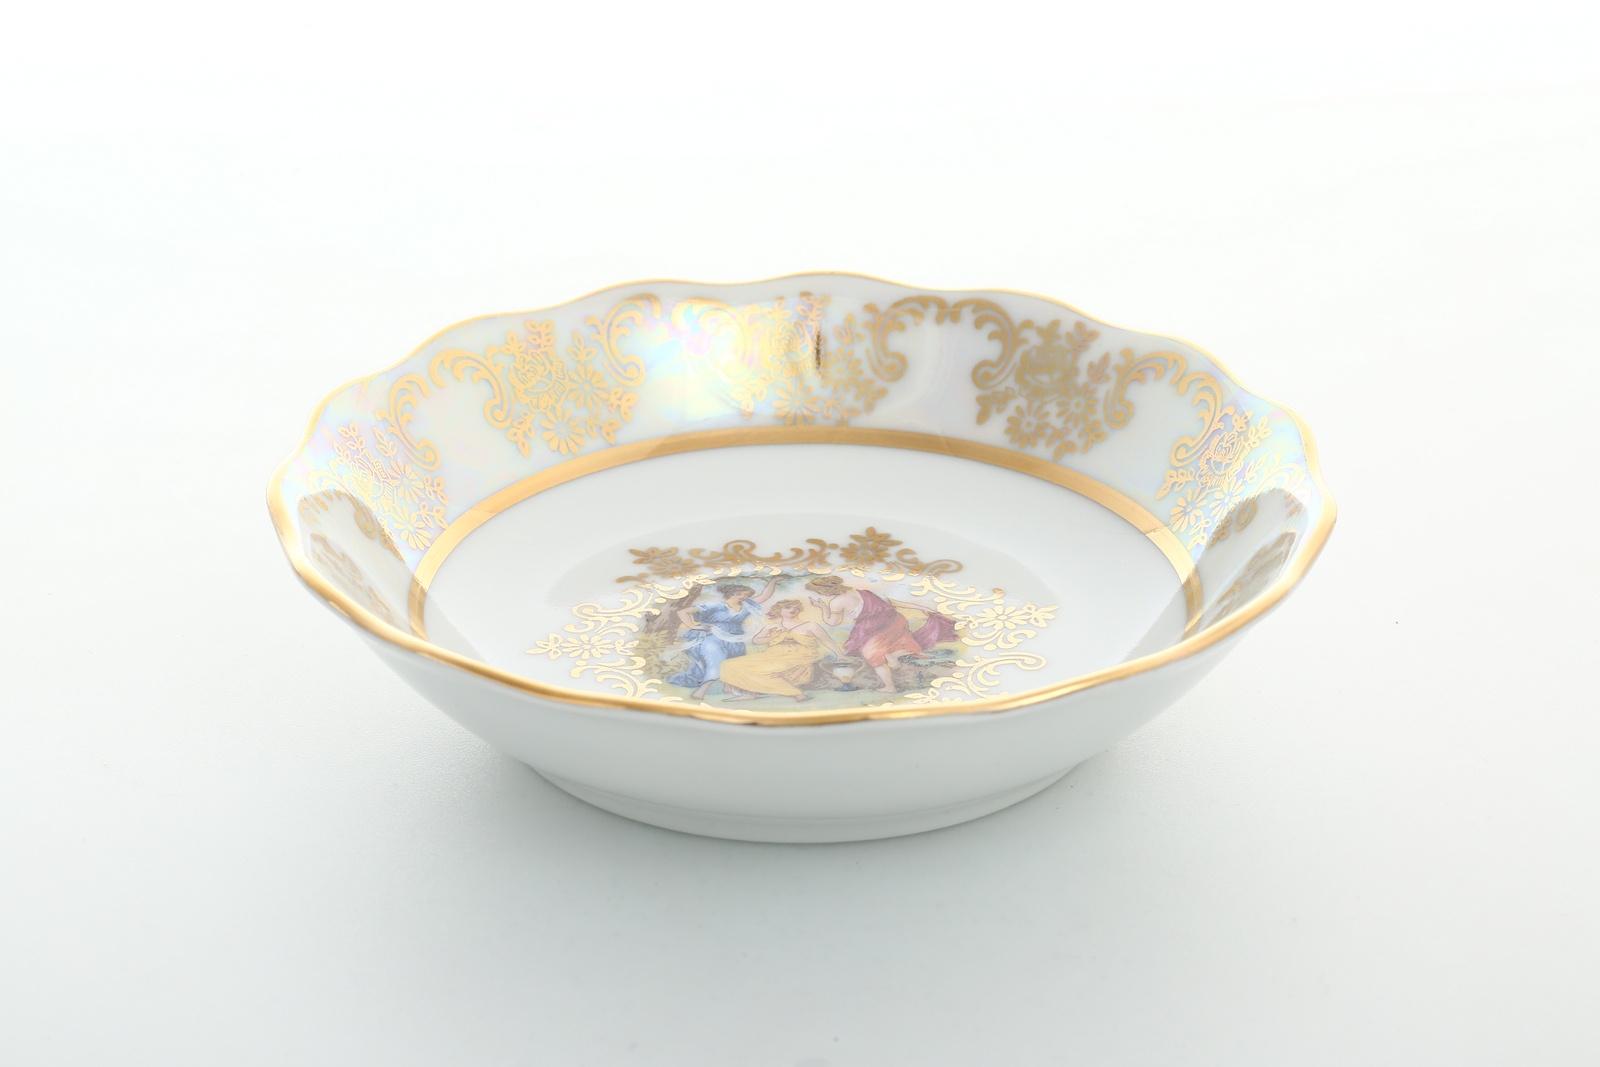 Набор салатников Queens Crown, 28695, белый, золотой, 13 см, 6 шт